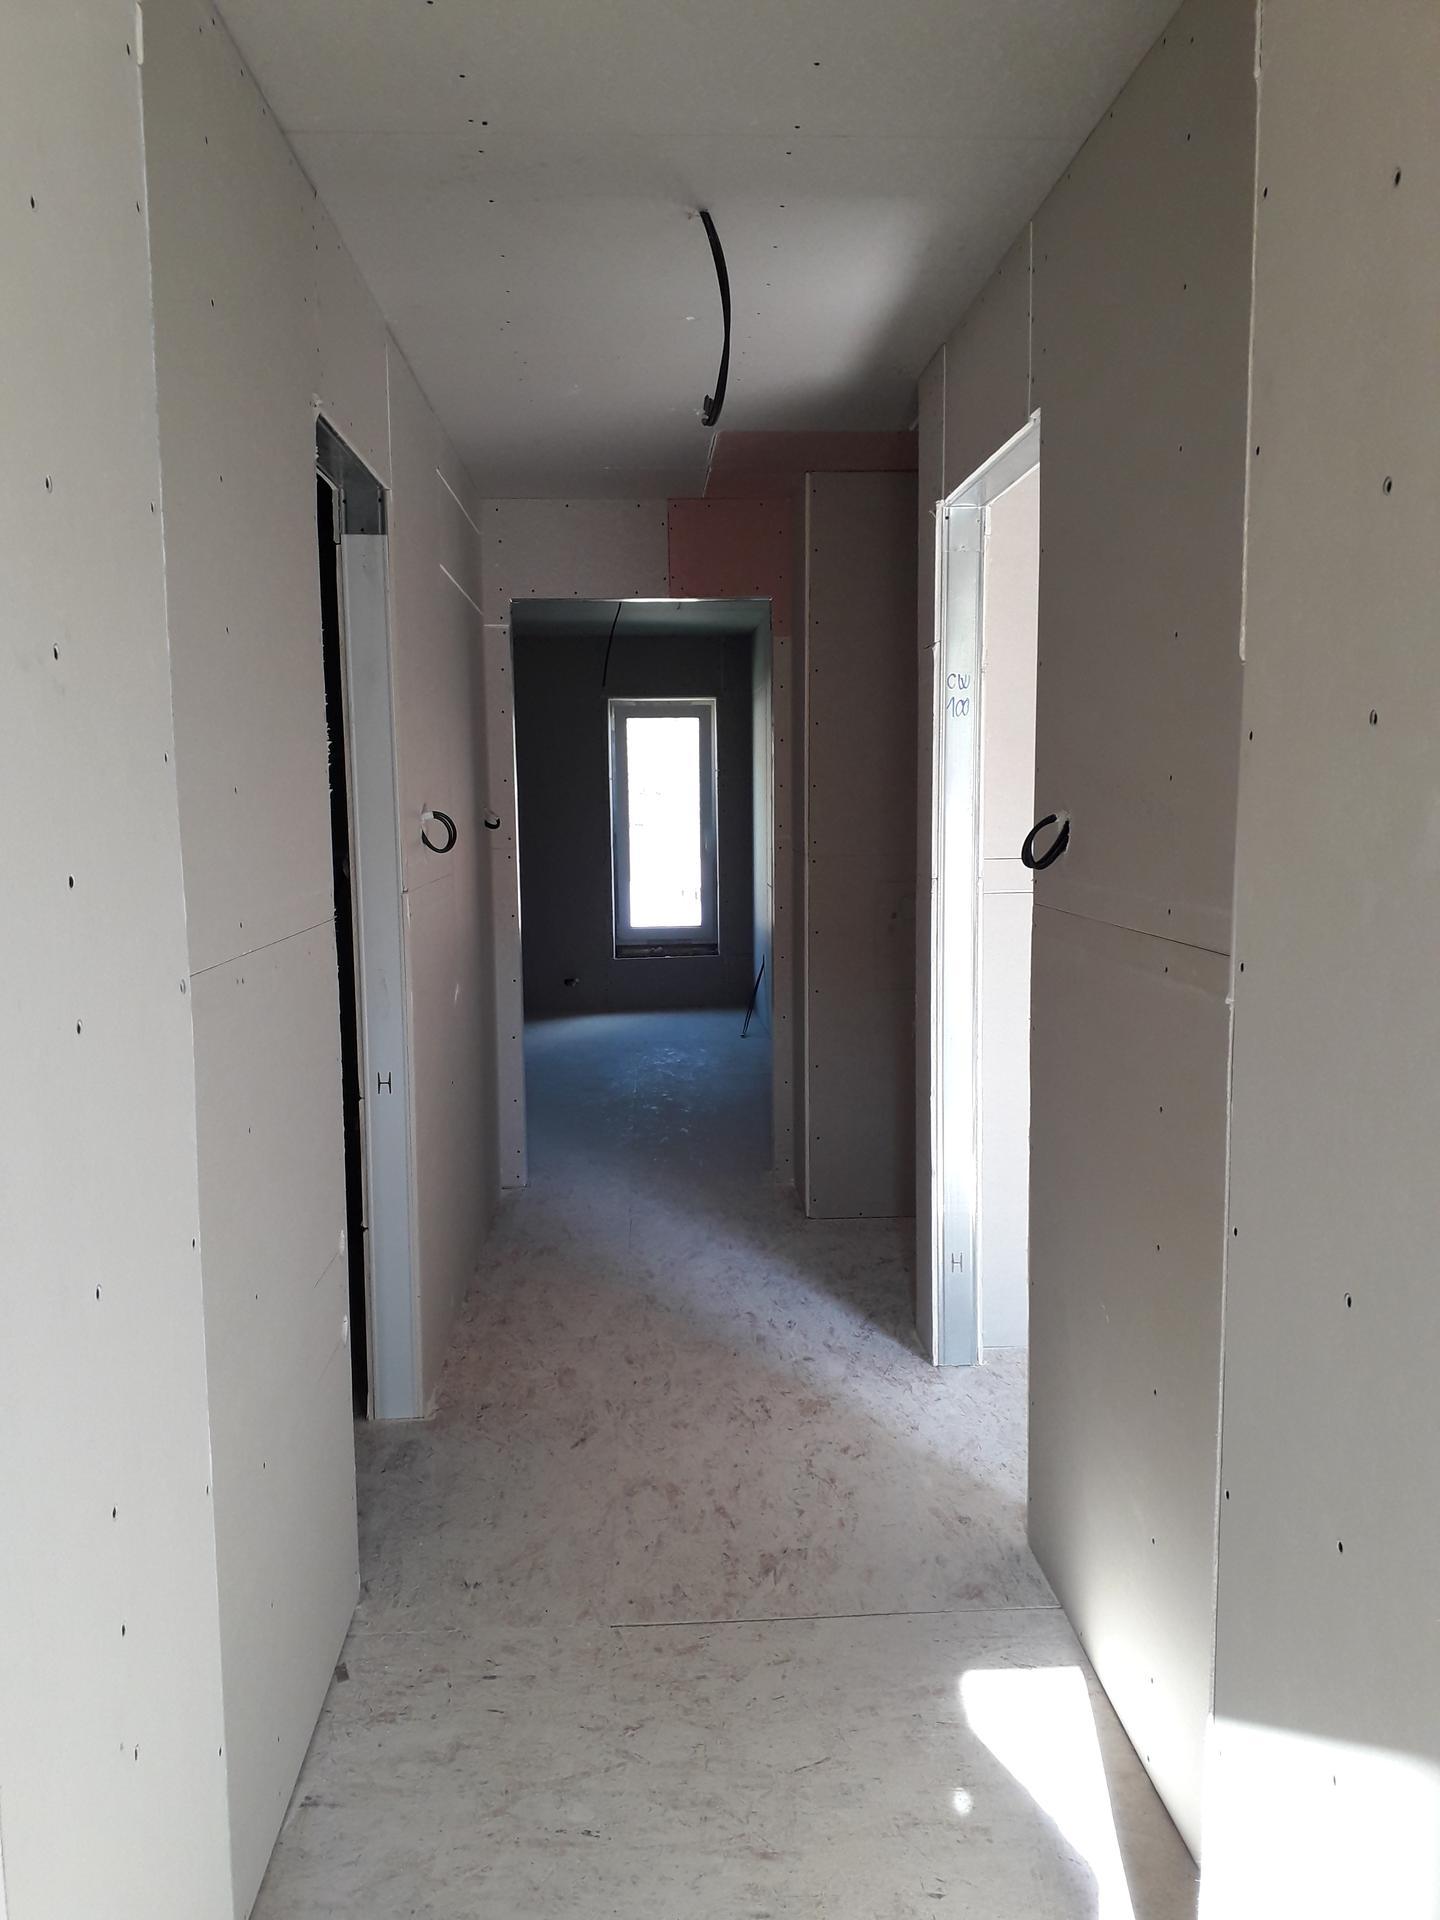 Dom/rekonštrukcia, sen/náročné obdobie :-) - chodba podkrovie 10/2019